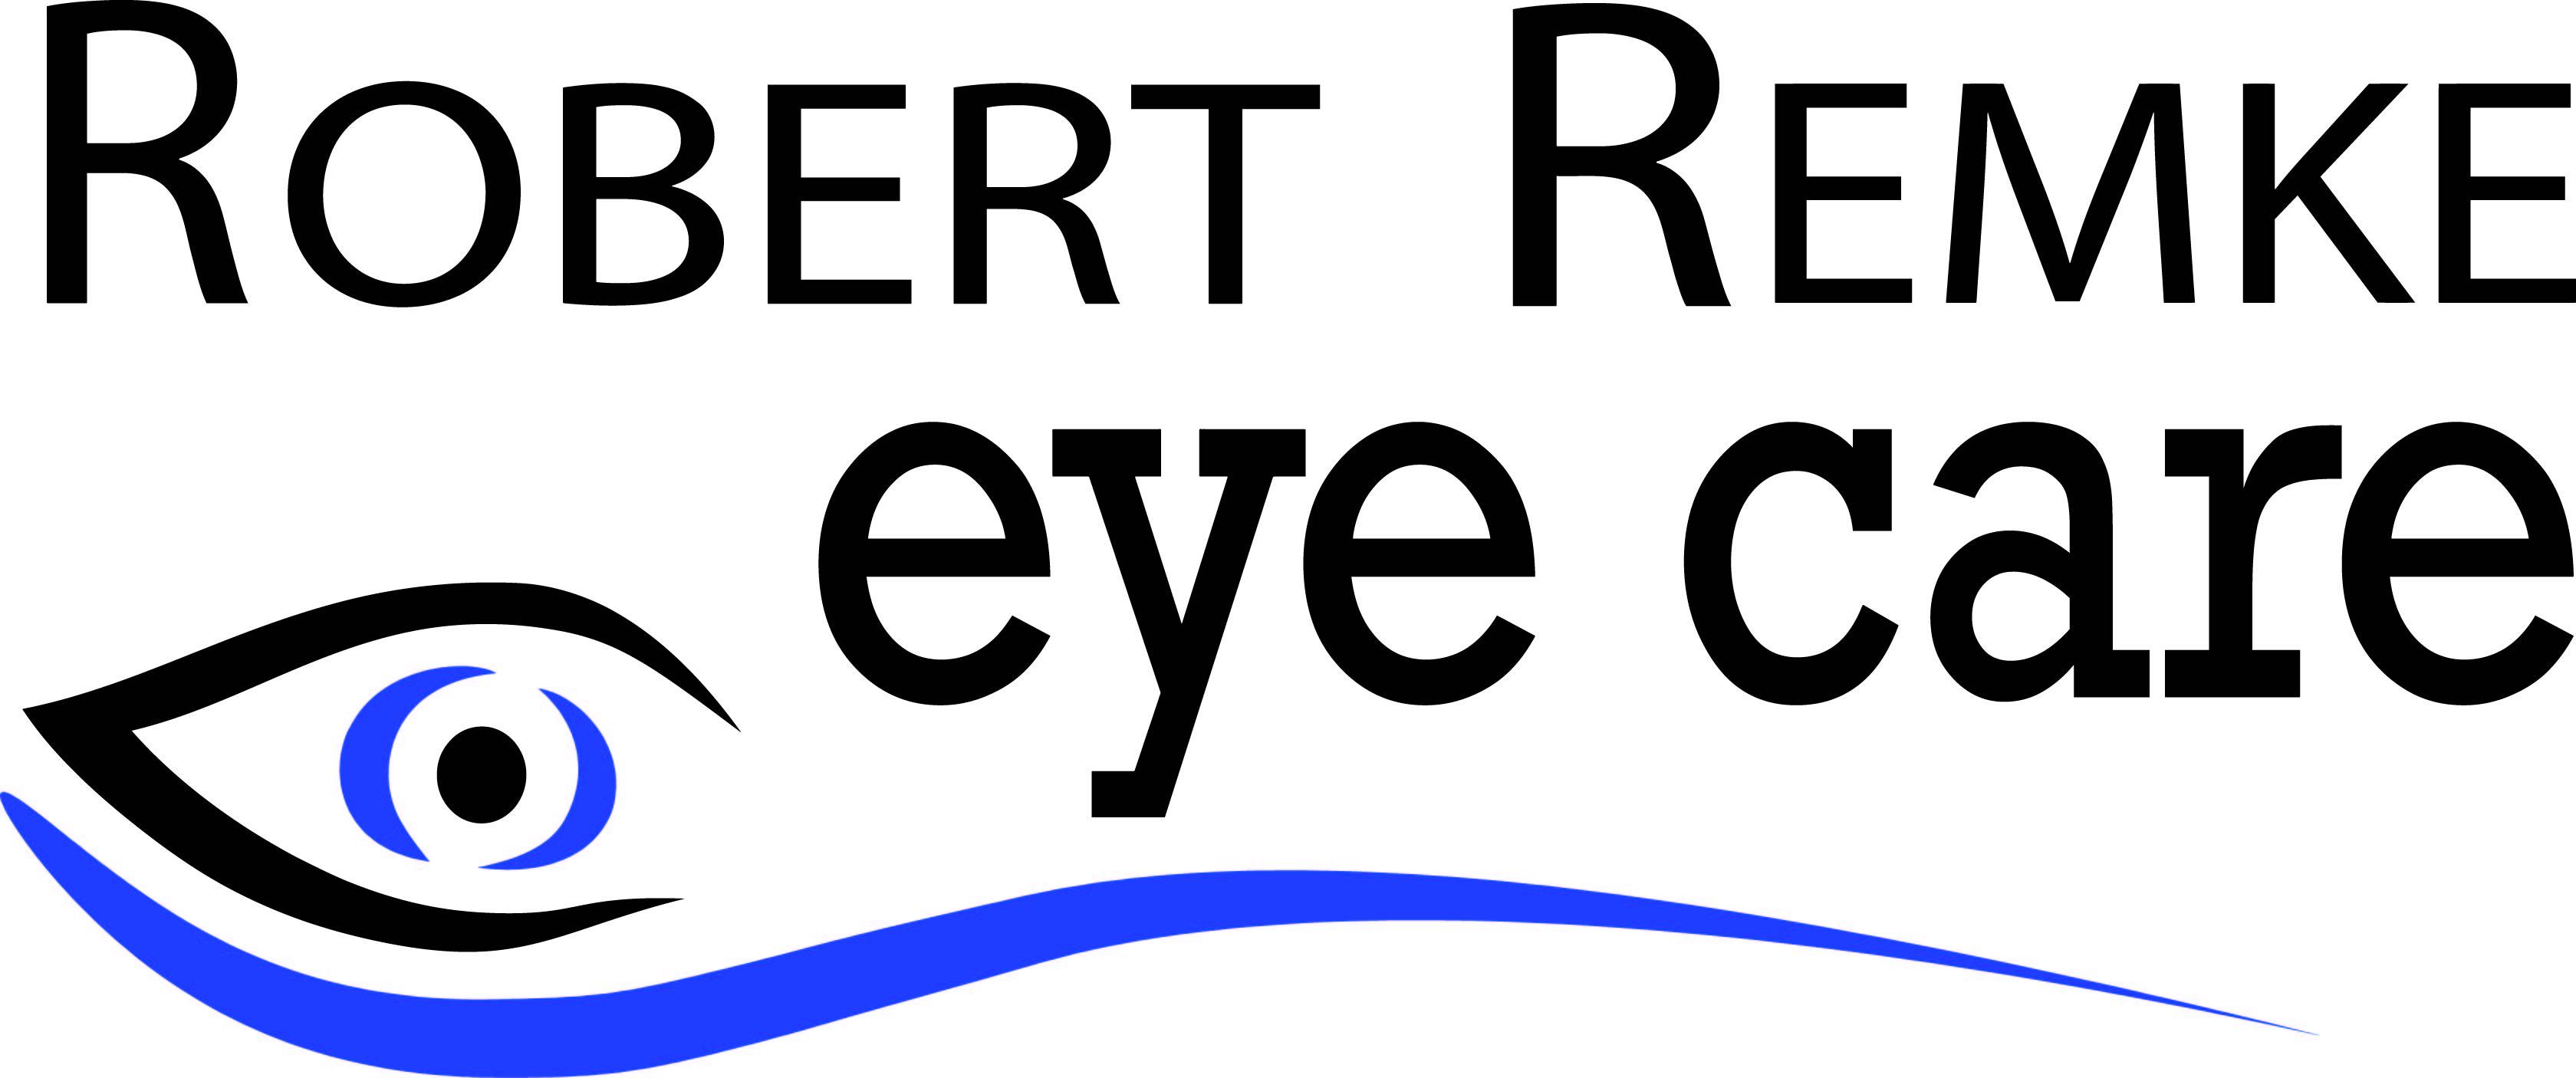 Robert Remke Eye Care logo